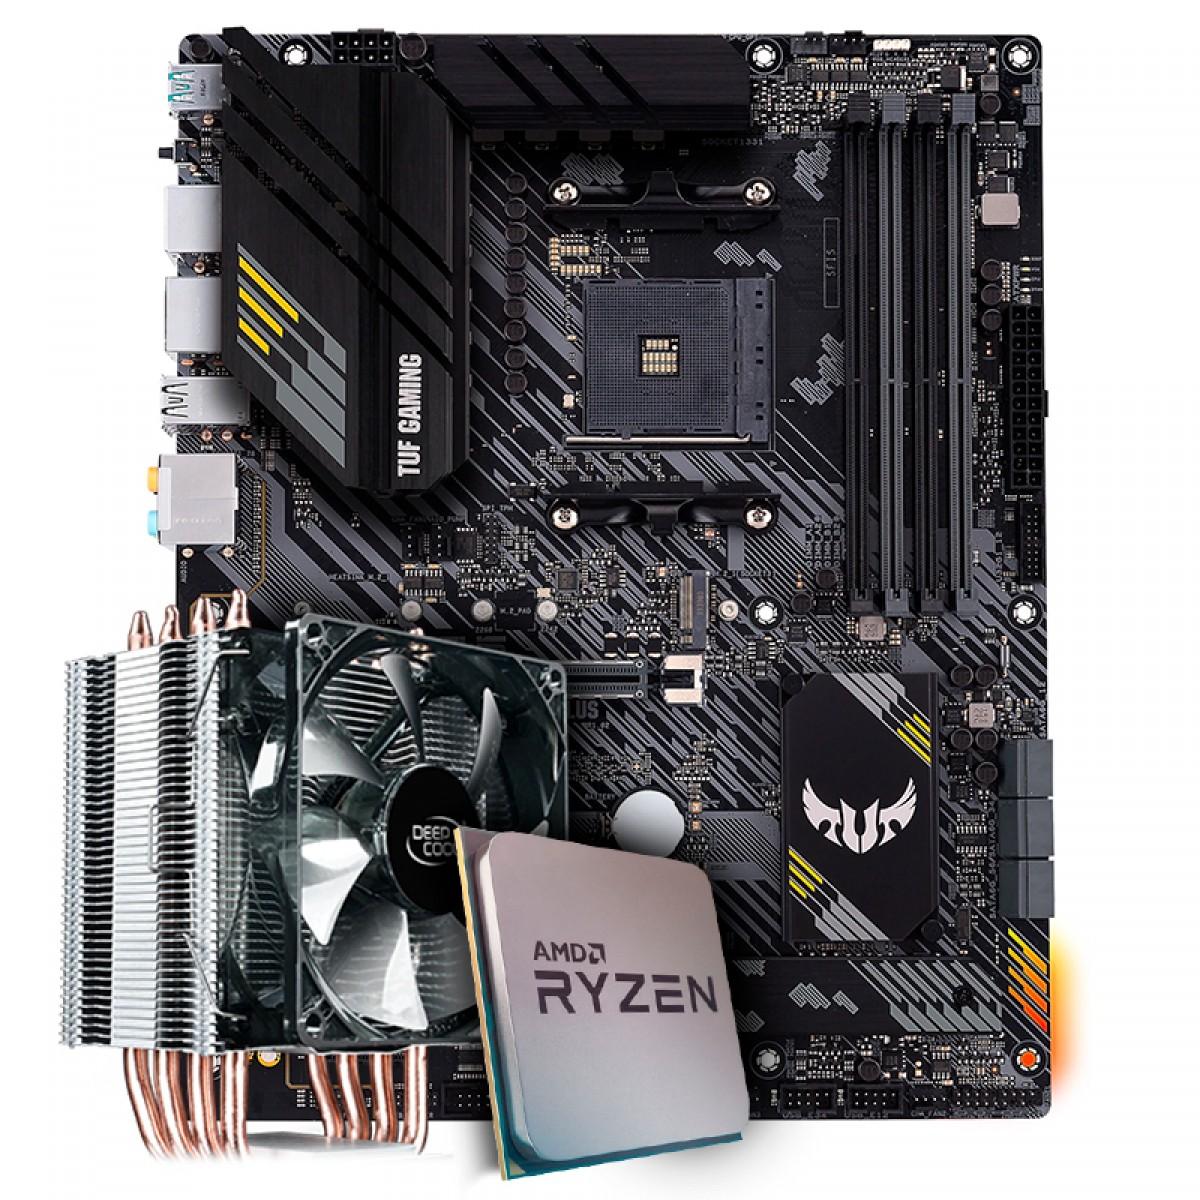 Kit Upgrade, AMD Ryzen 7 3800X, Asus TUF Gaming B550-Plus, Cooler Deepcool Gammaxx